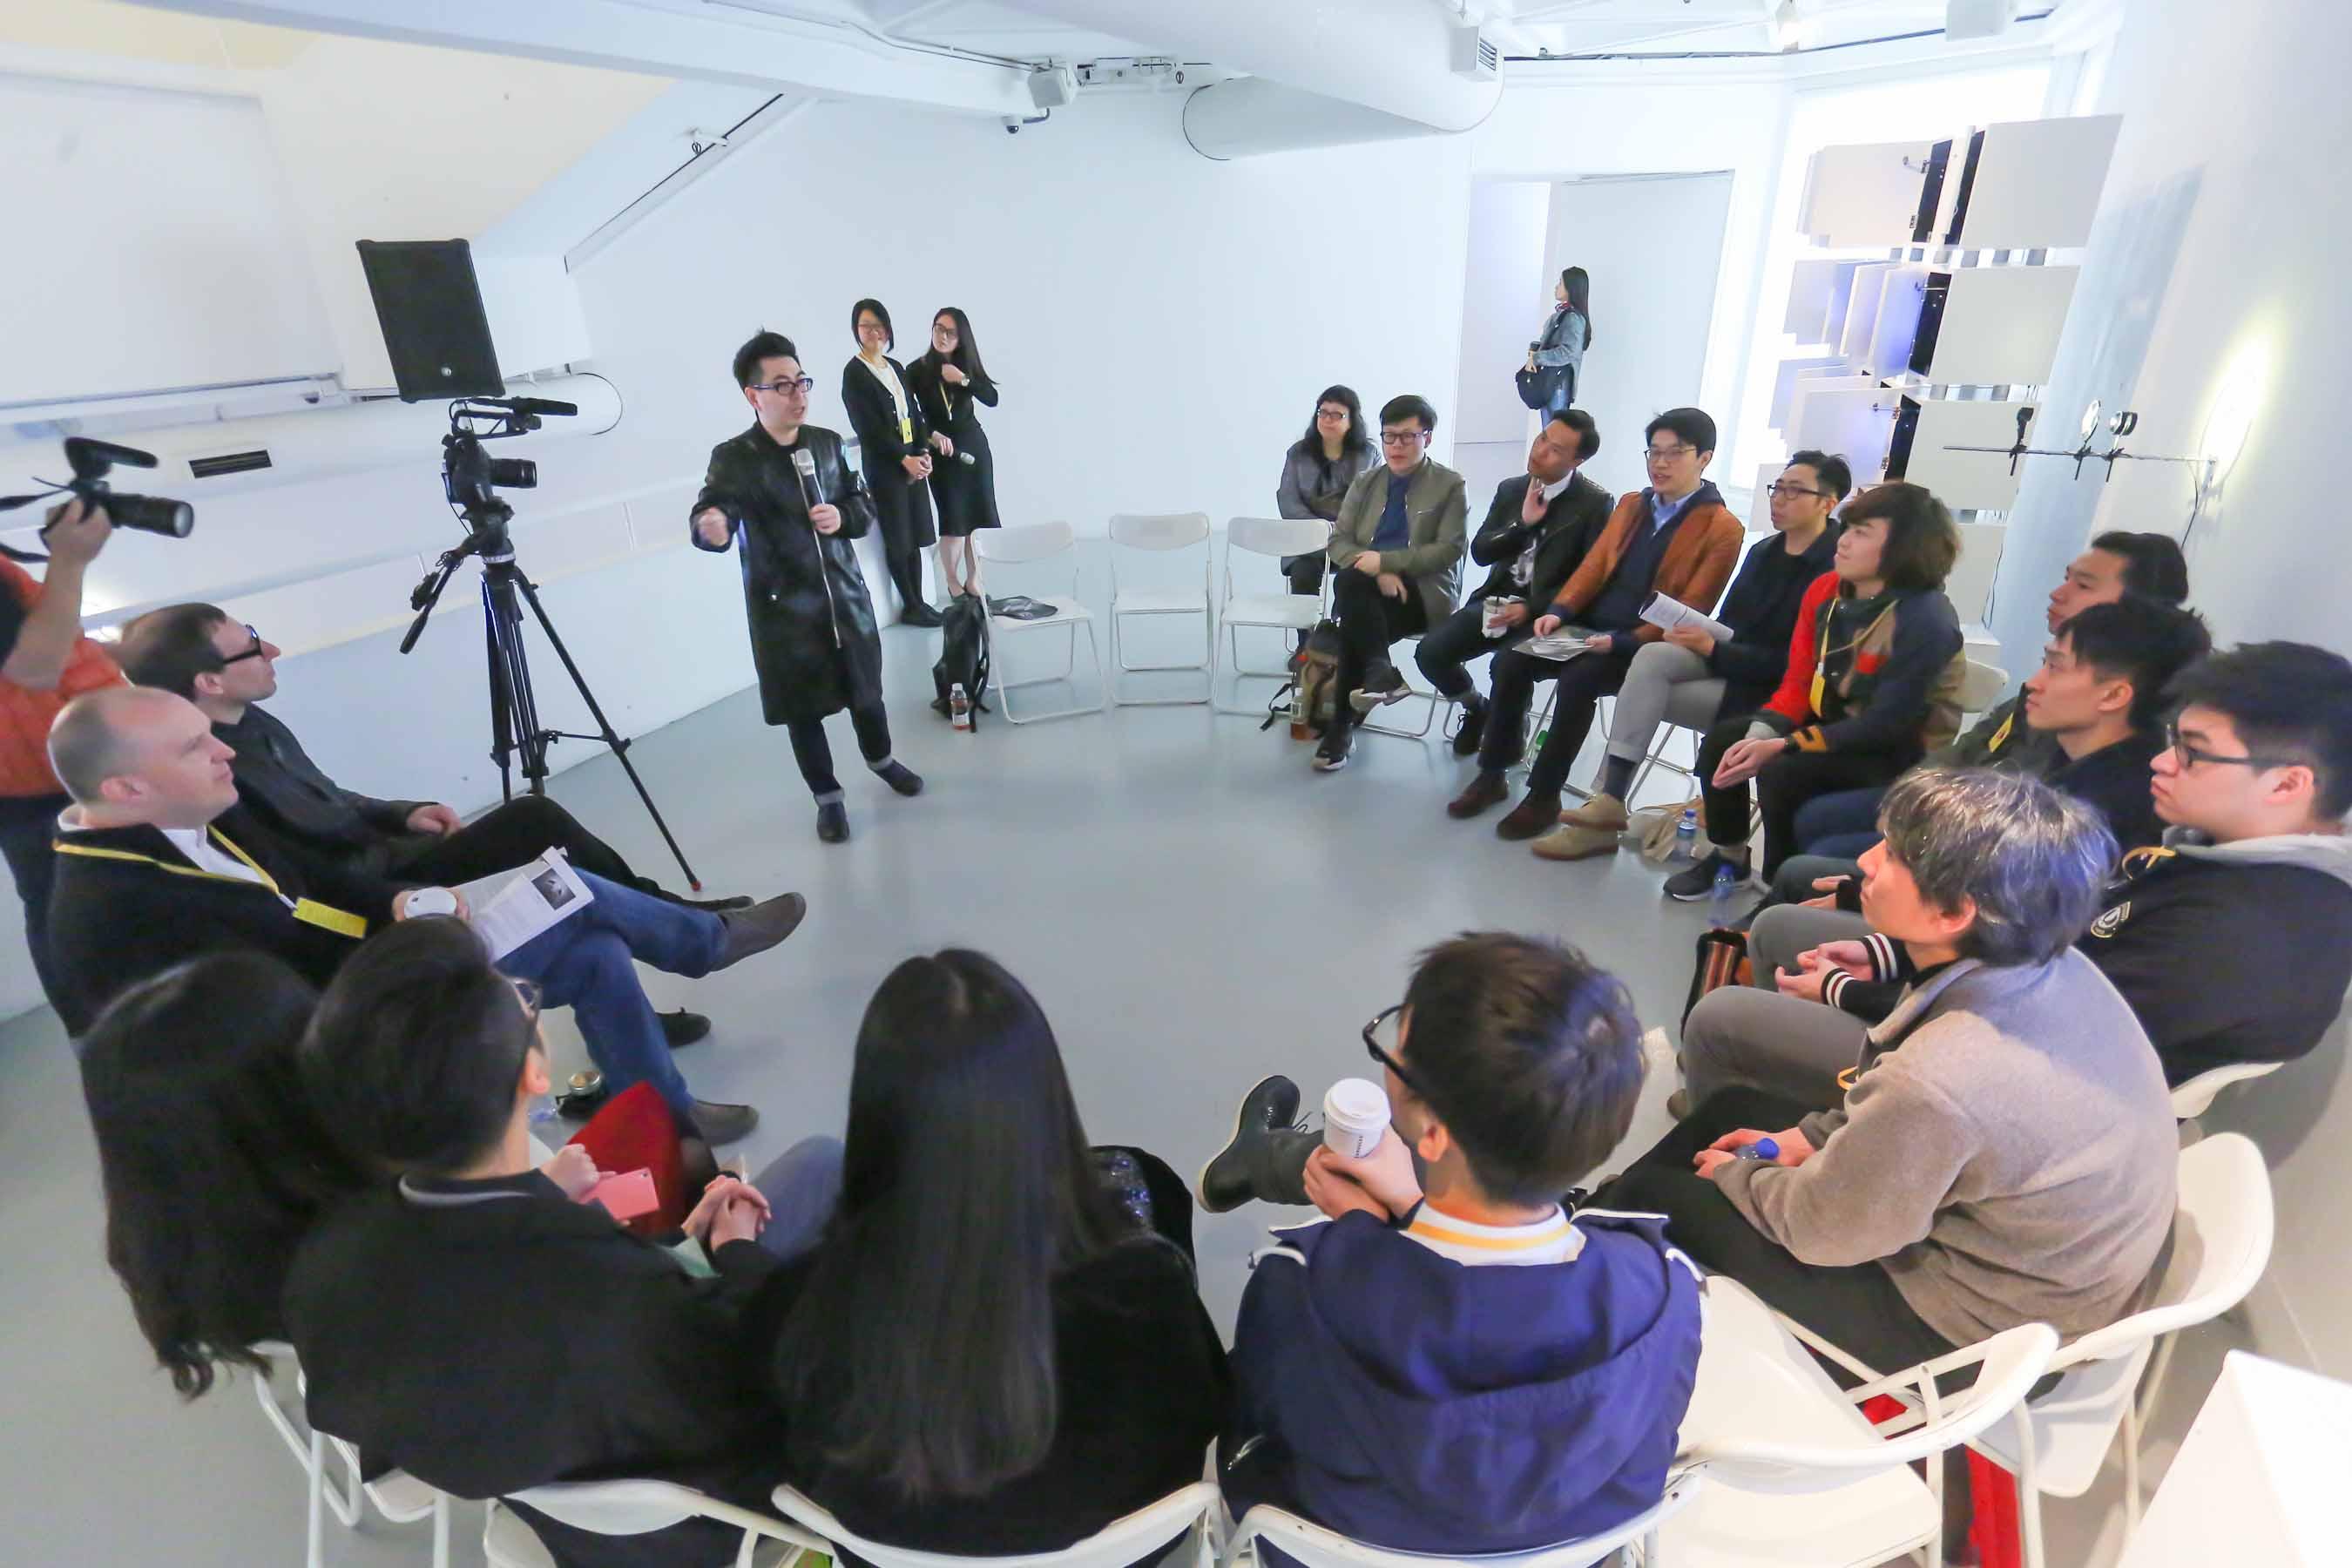 藝術家討論會主持人葉旭耀,以特別的規則開始會議:每位藝術家需選擇其中一件入圍作品,給予個人意見及評論